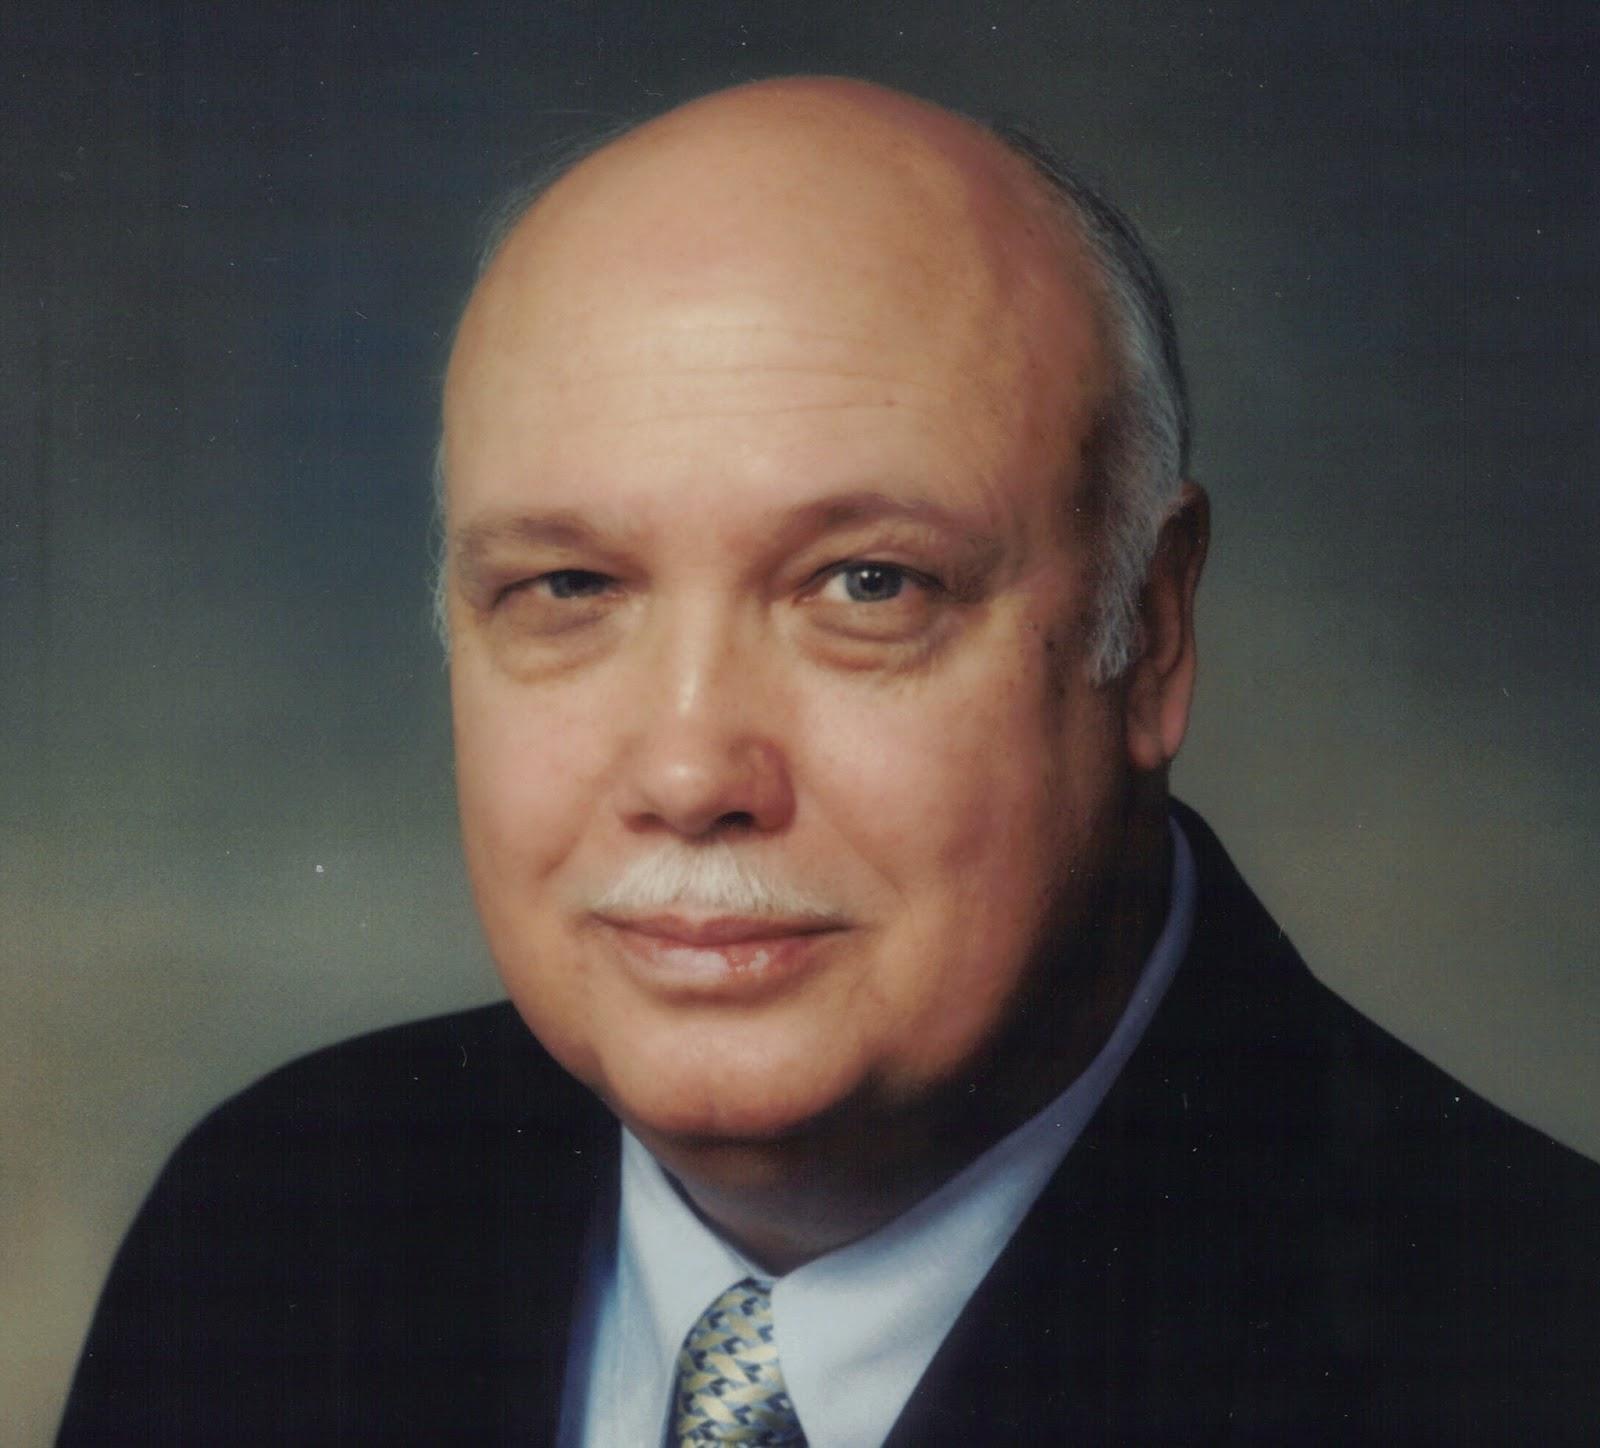 Wayne Jordan Auctioneer Appraiser